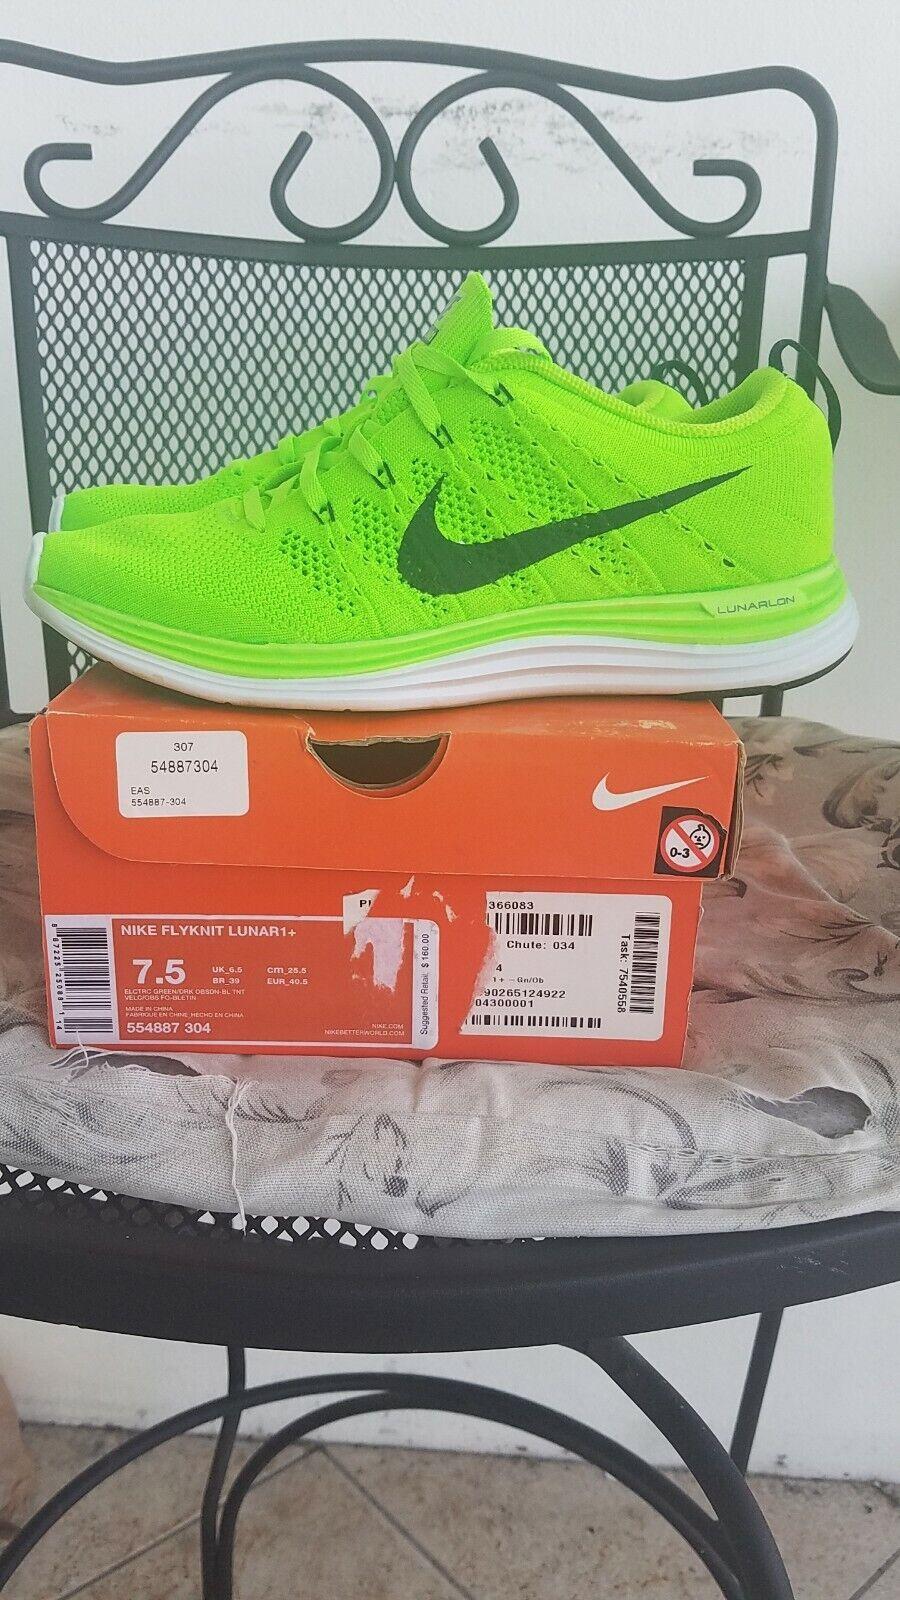 Nike Flyknit Lunar 1 size 7.5 neon green